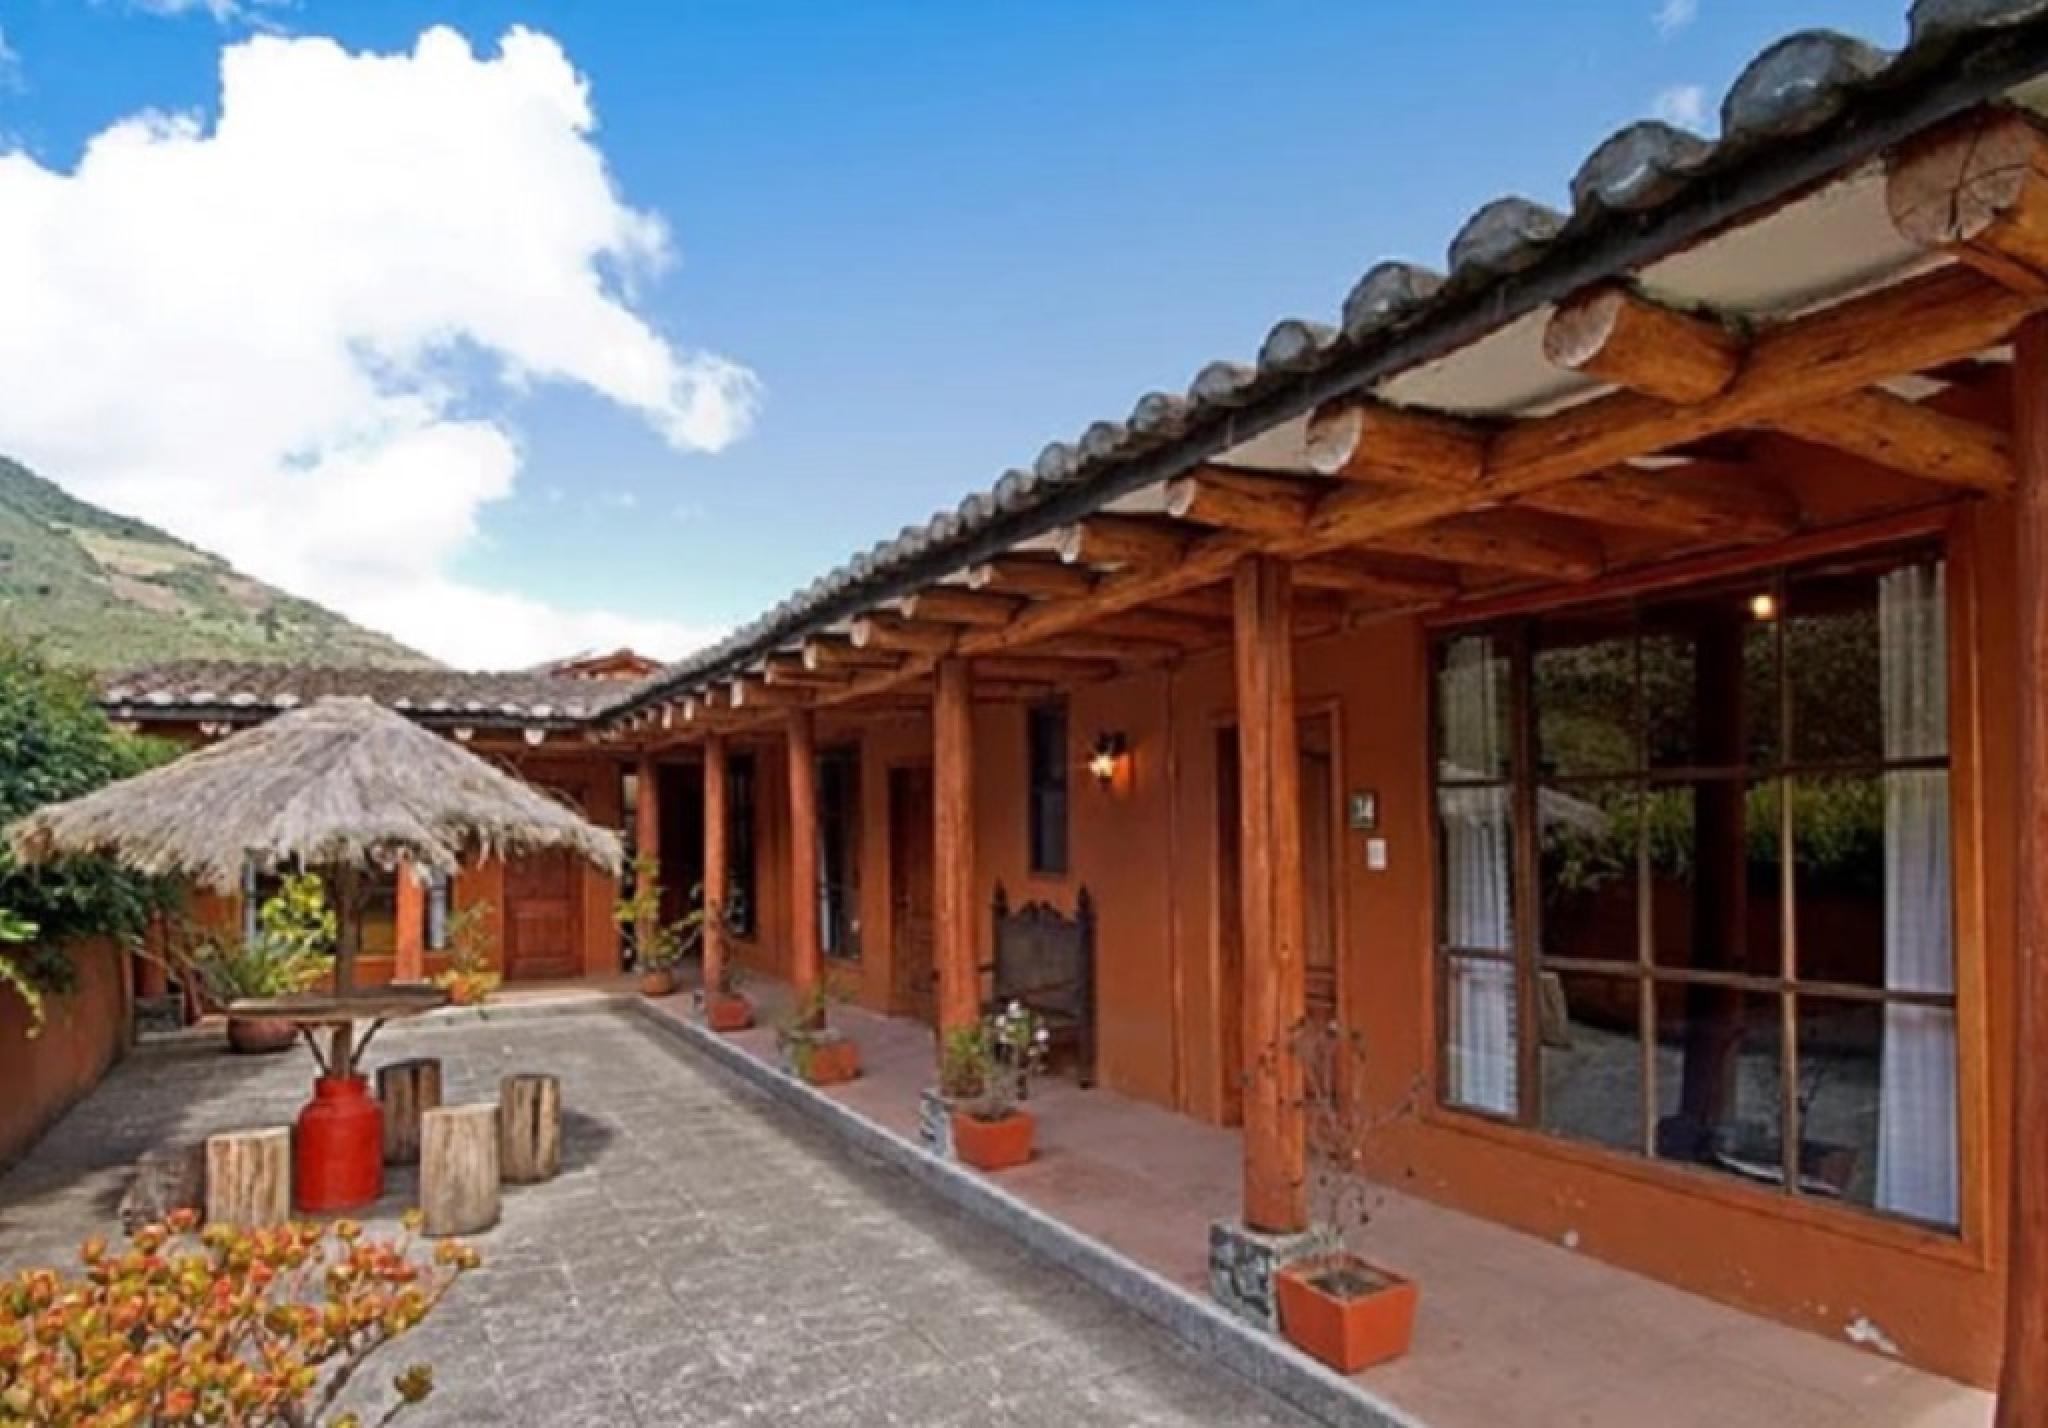 Hacienda Manteles Hotel